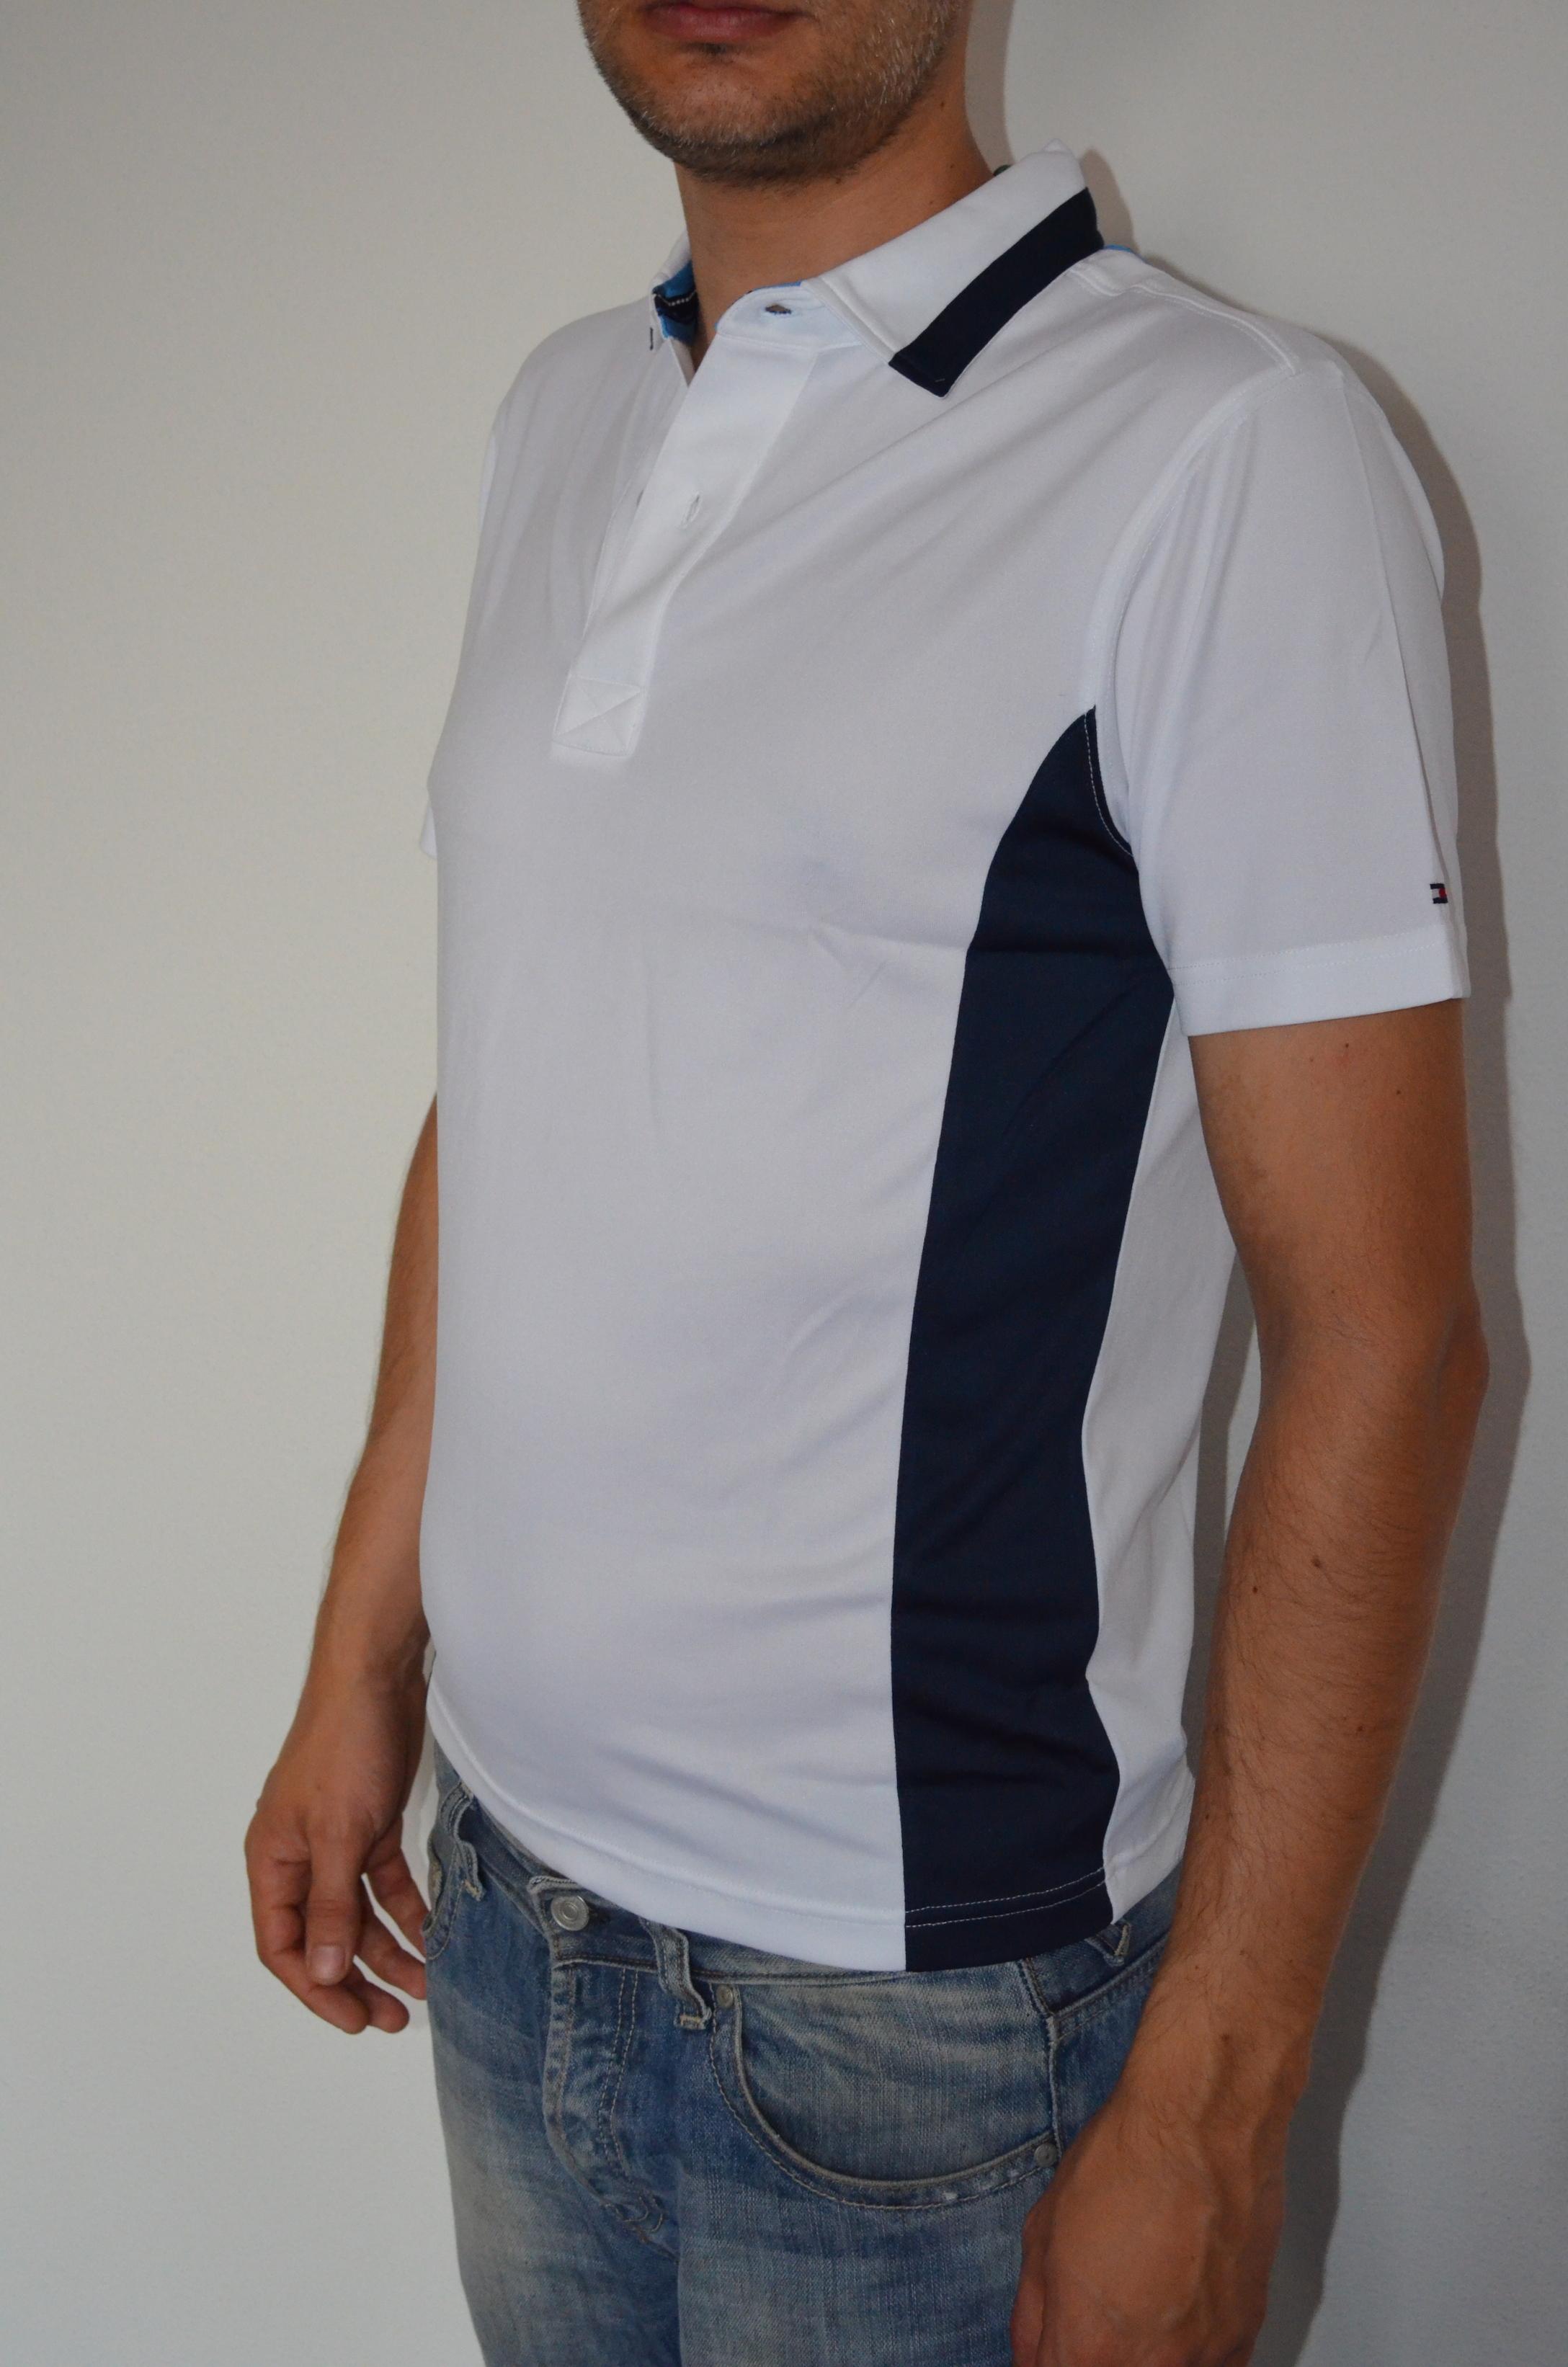 Tommy Hilfiger pánské golf polo triko bílé velikost: XS